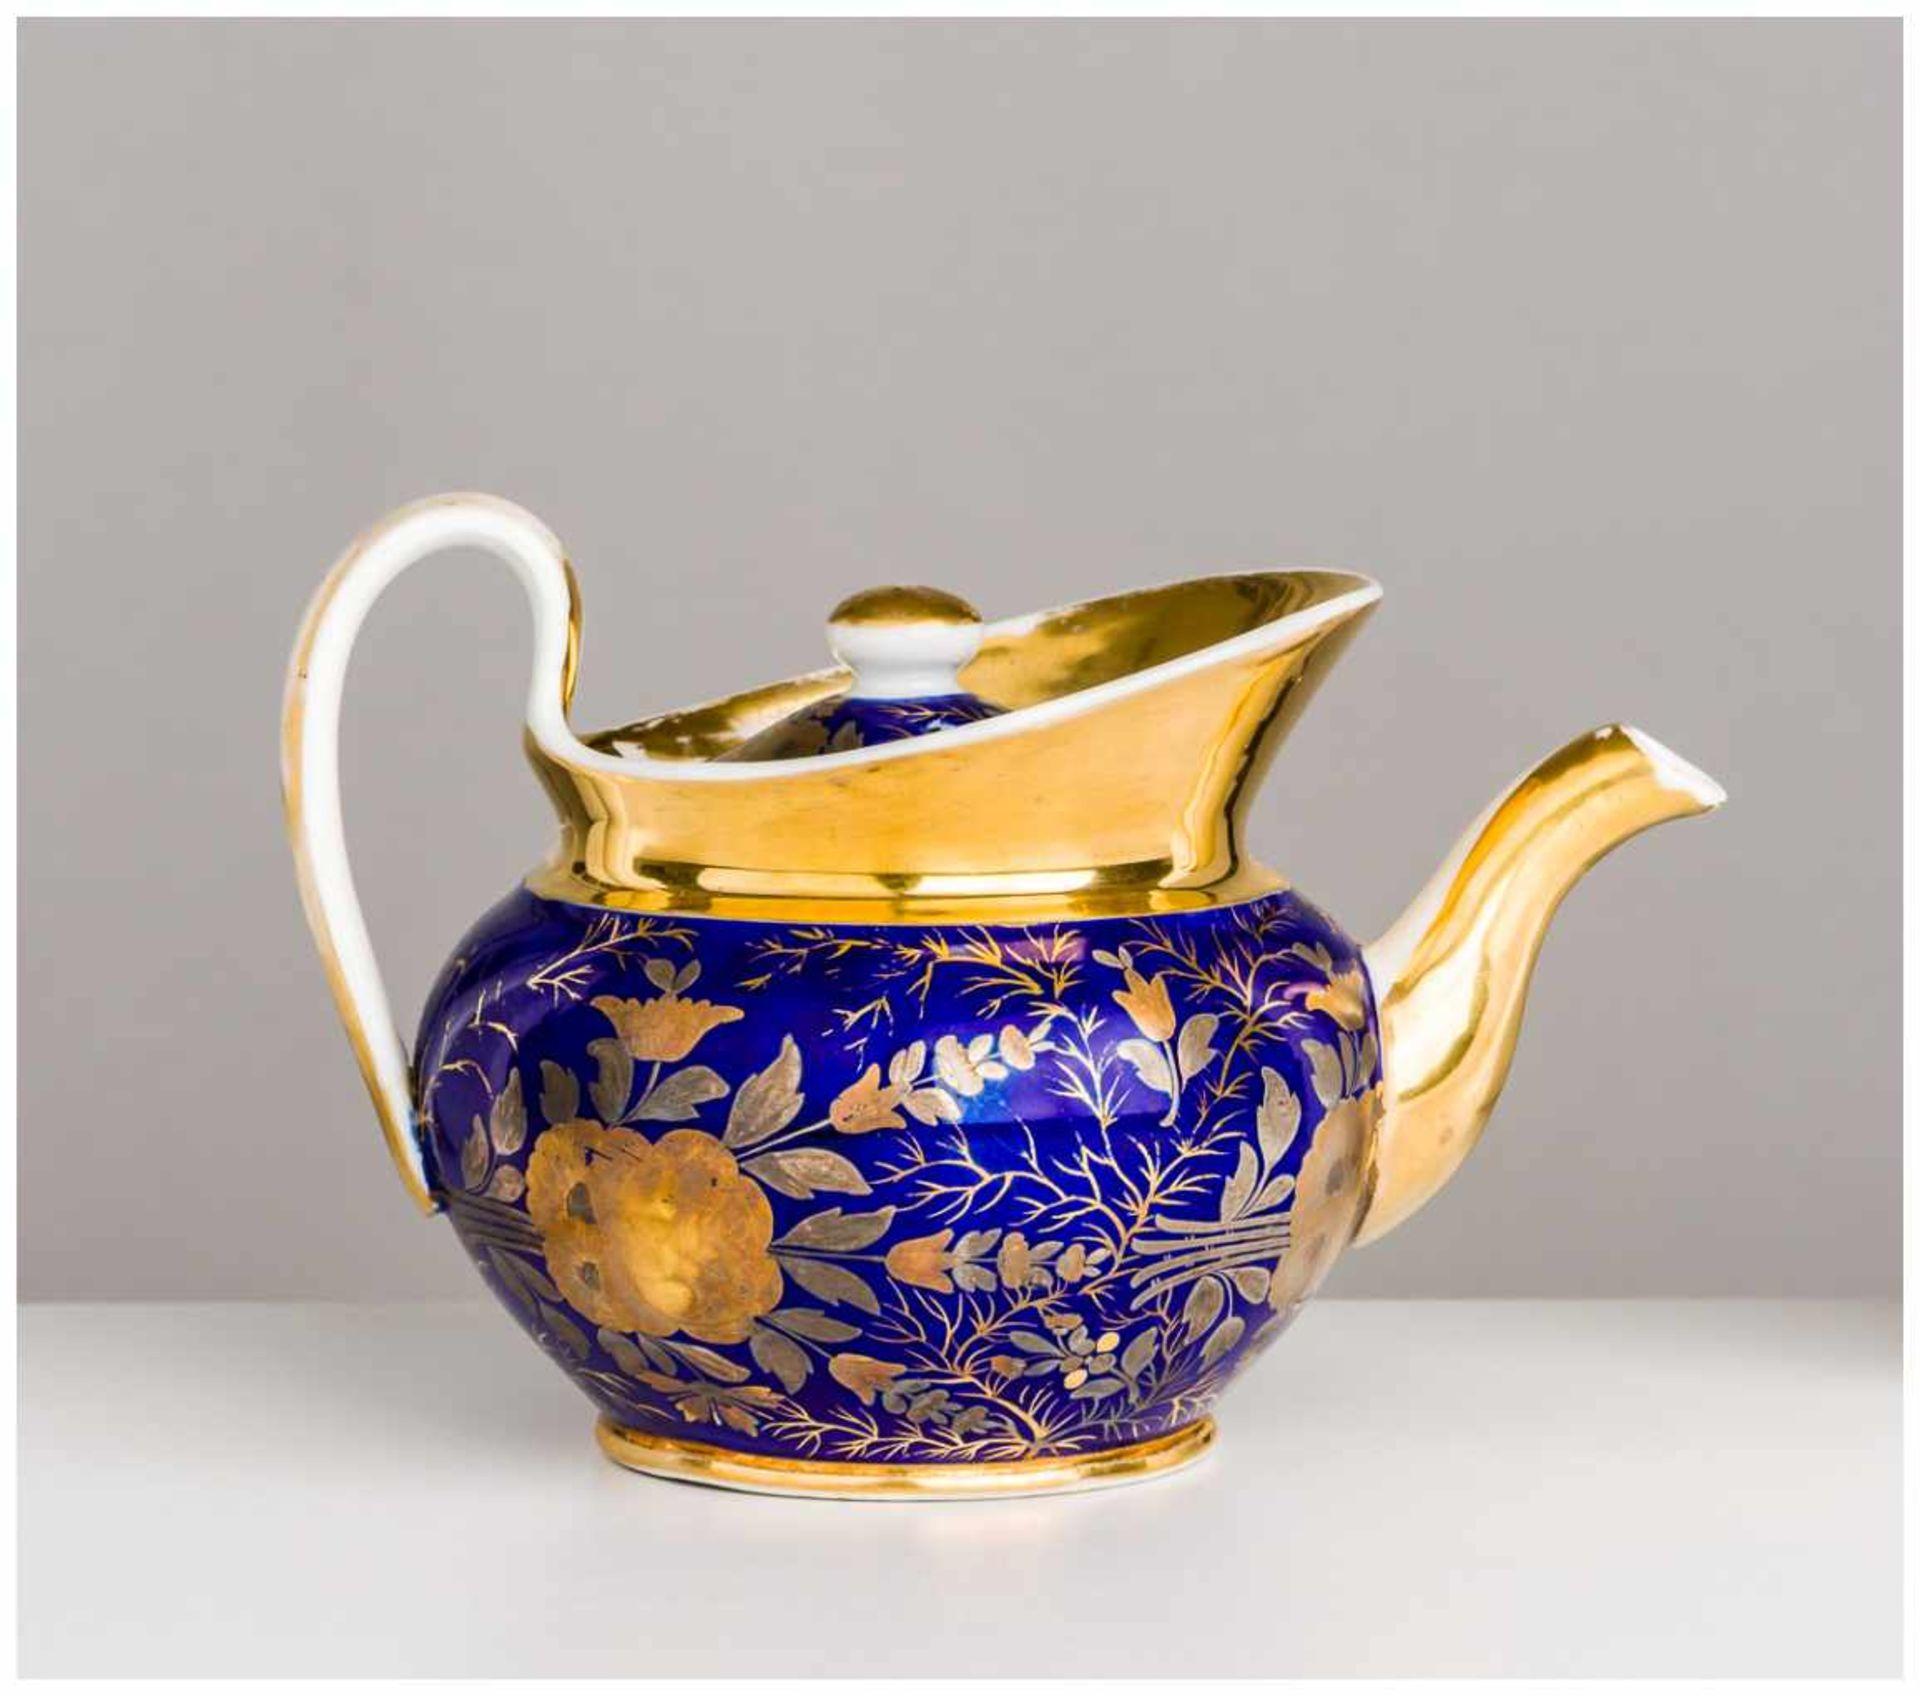 Los 32 - Teekanne Porzellan Manufaktur Gardner, um 1830 ca. 11 x 17,5 cm Gold etwas berieben. Teapot //